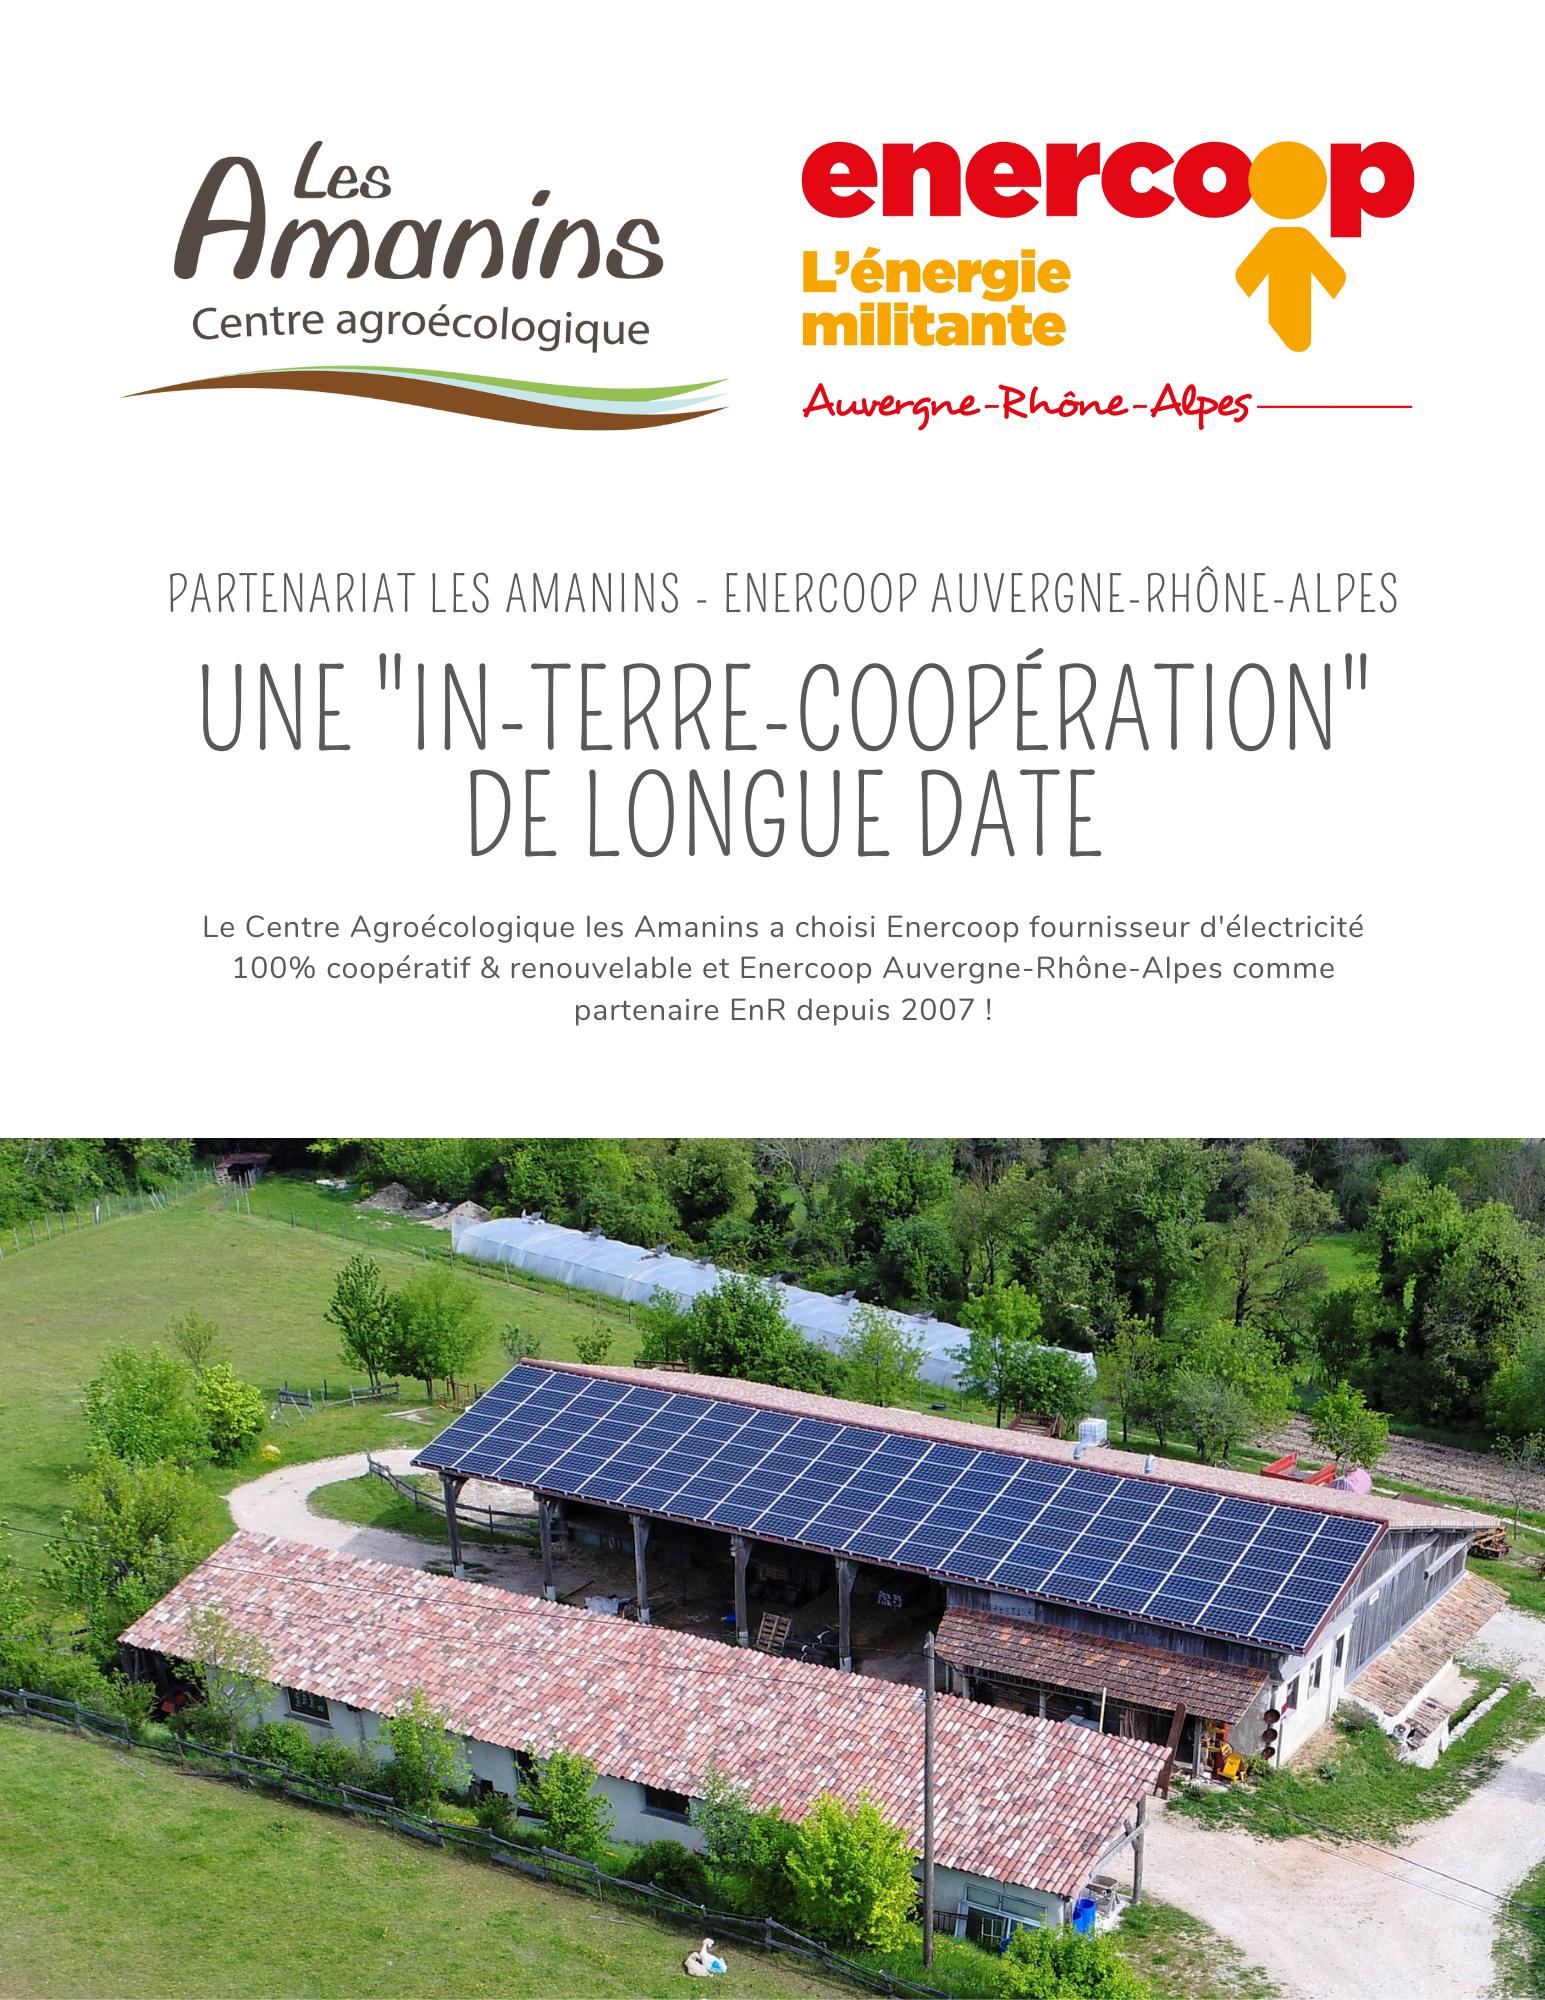 Communiqué de presse Partenariat Les Amanins - Enercoop